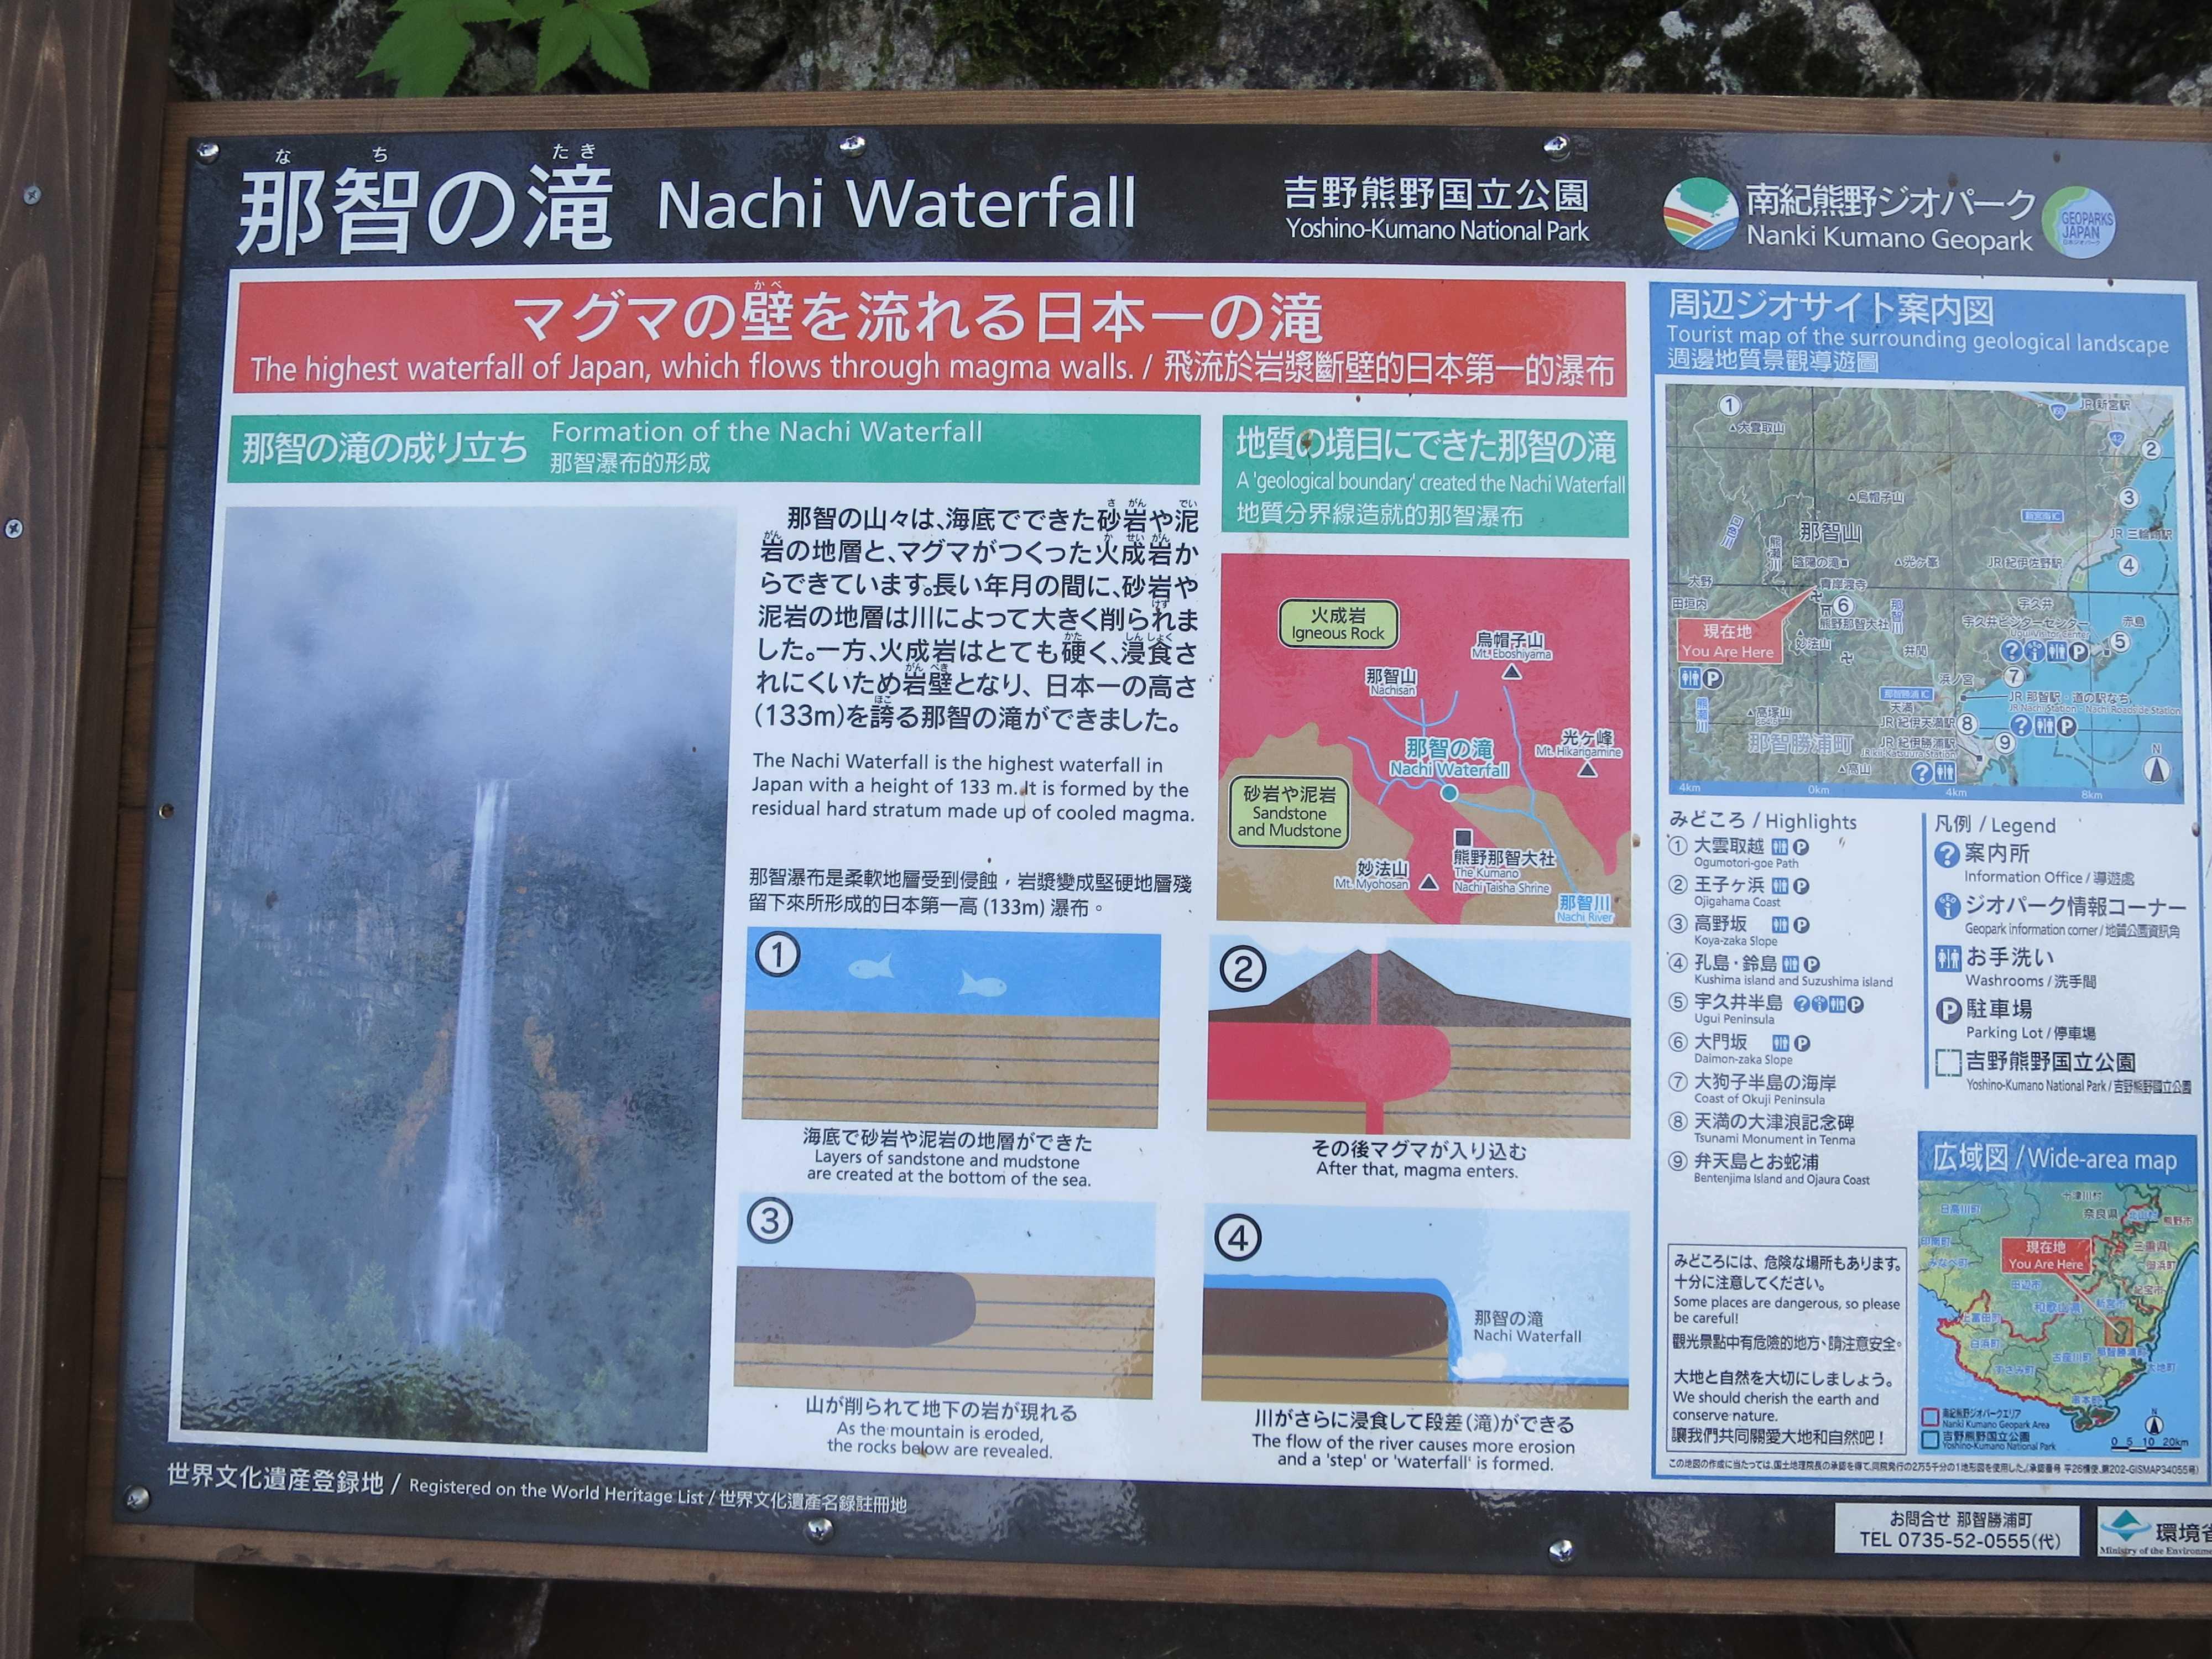 那智の滝 / Nachi Waterfall